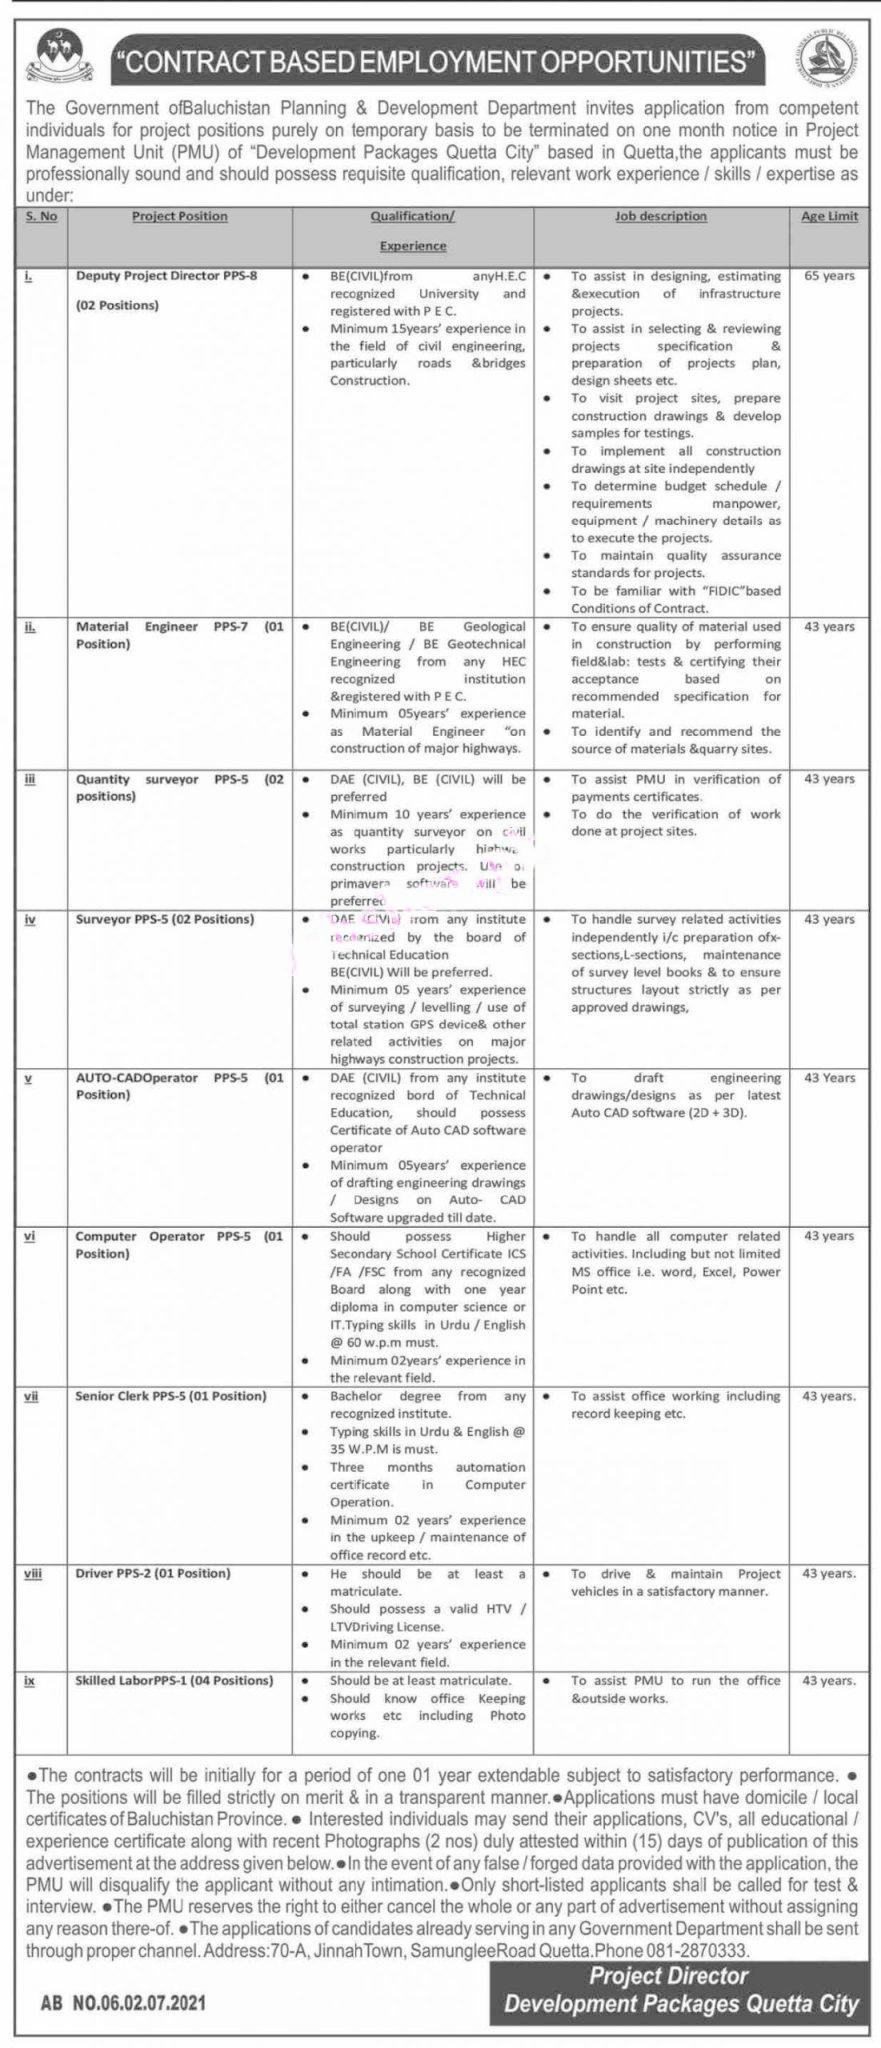 Planning & Development Department Balochistan Jobs 2021